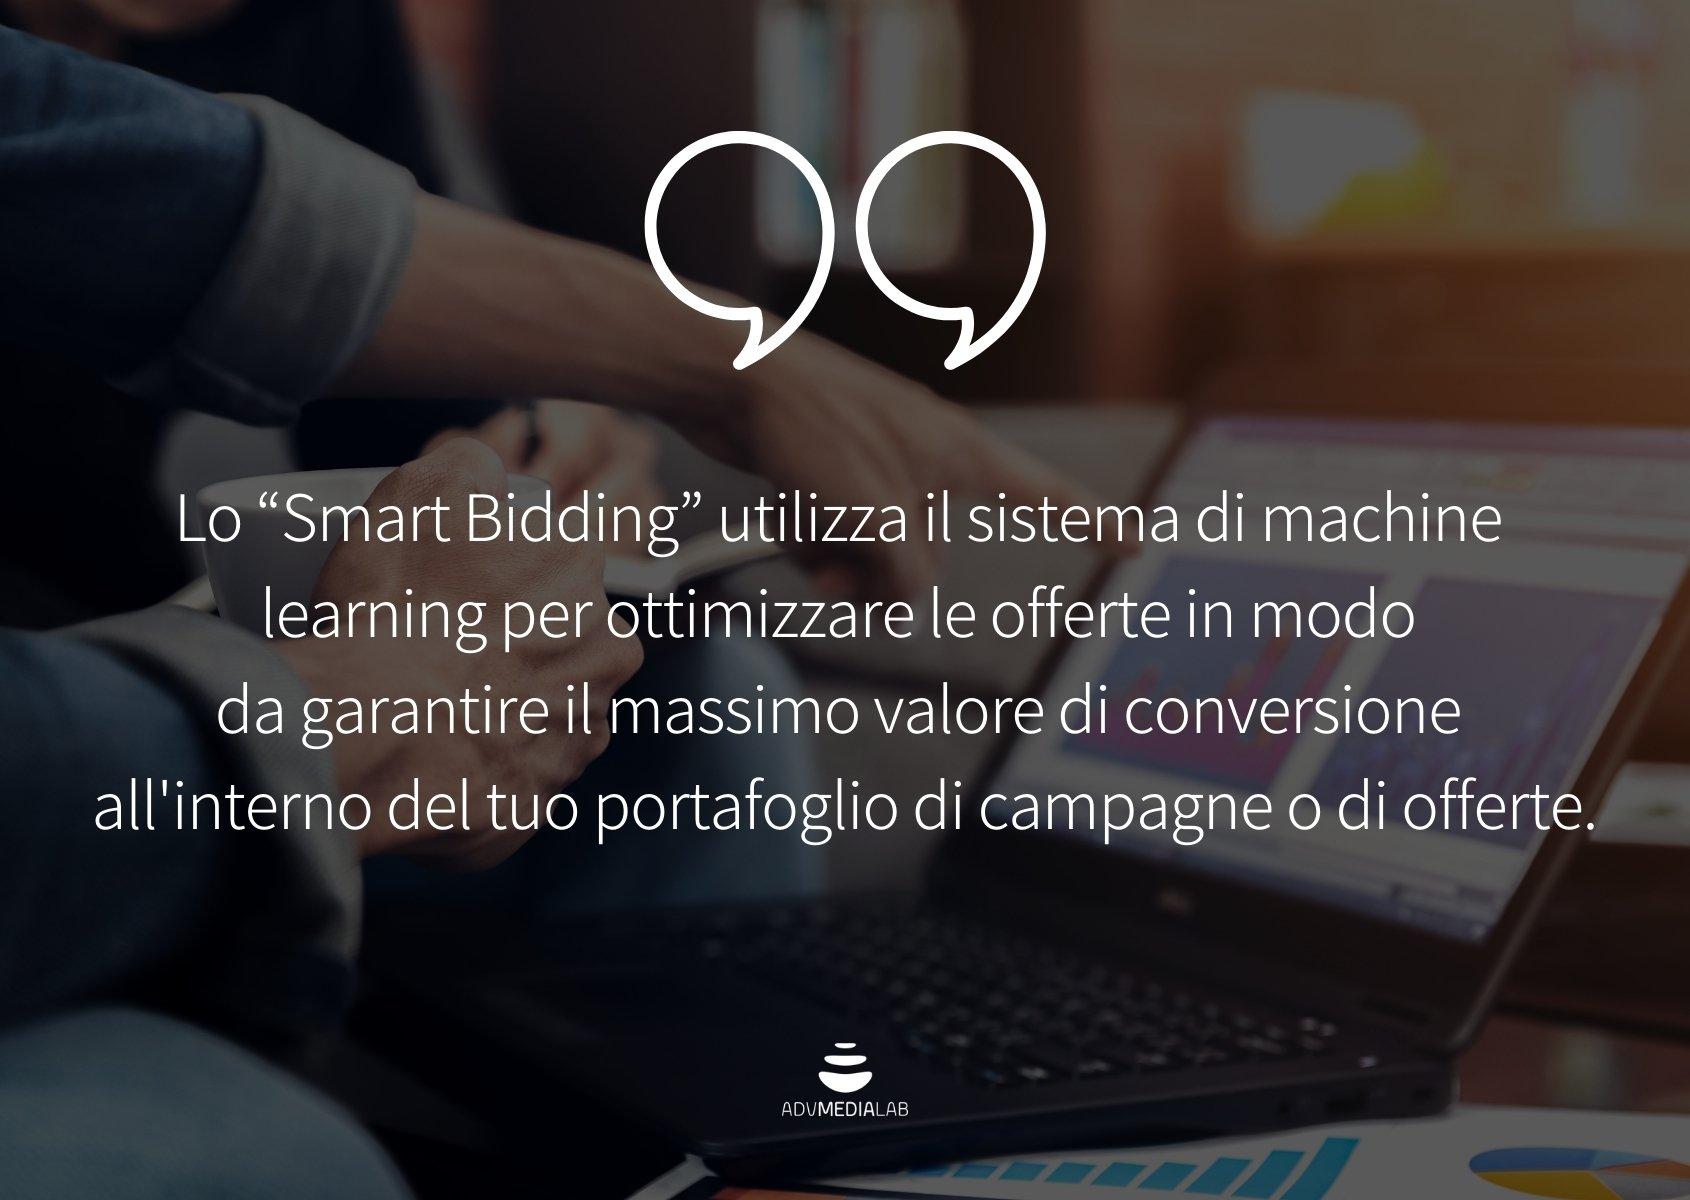 """Citazione: Lo """"Smart Bidding"""" utilizza il sistema di machine learning per ottimizzare le offerte in modo da garantire il massimo valore di conversione all'interno del tuo portafoglio di campagne o di offerte."""